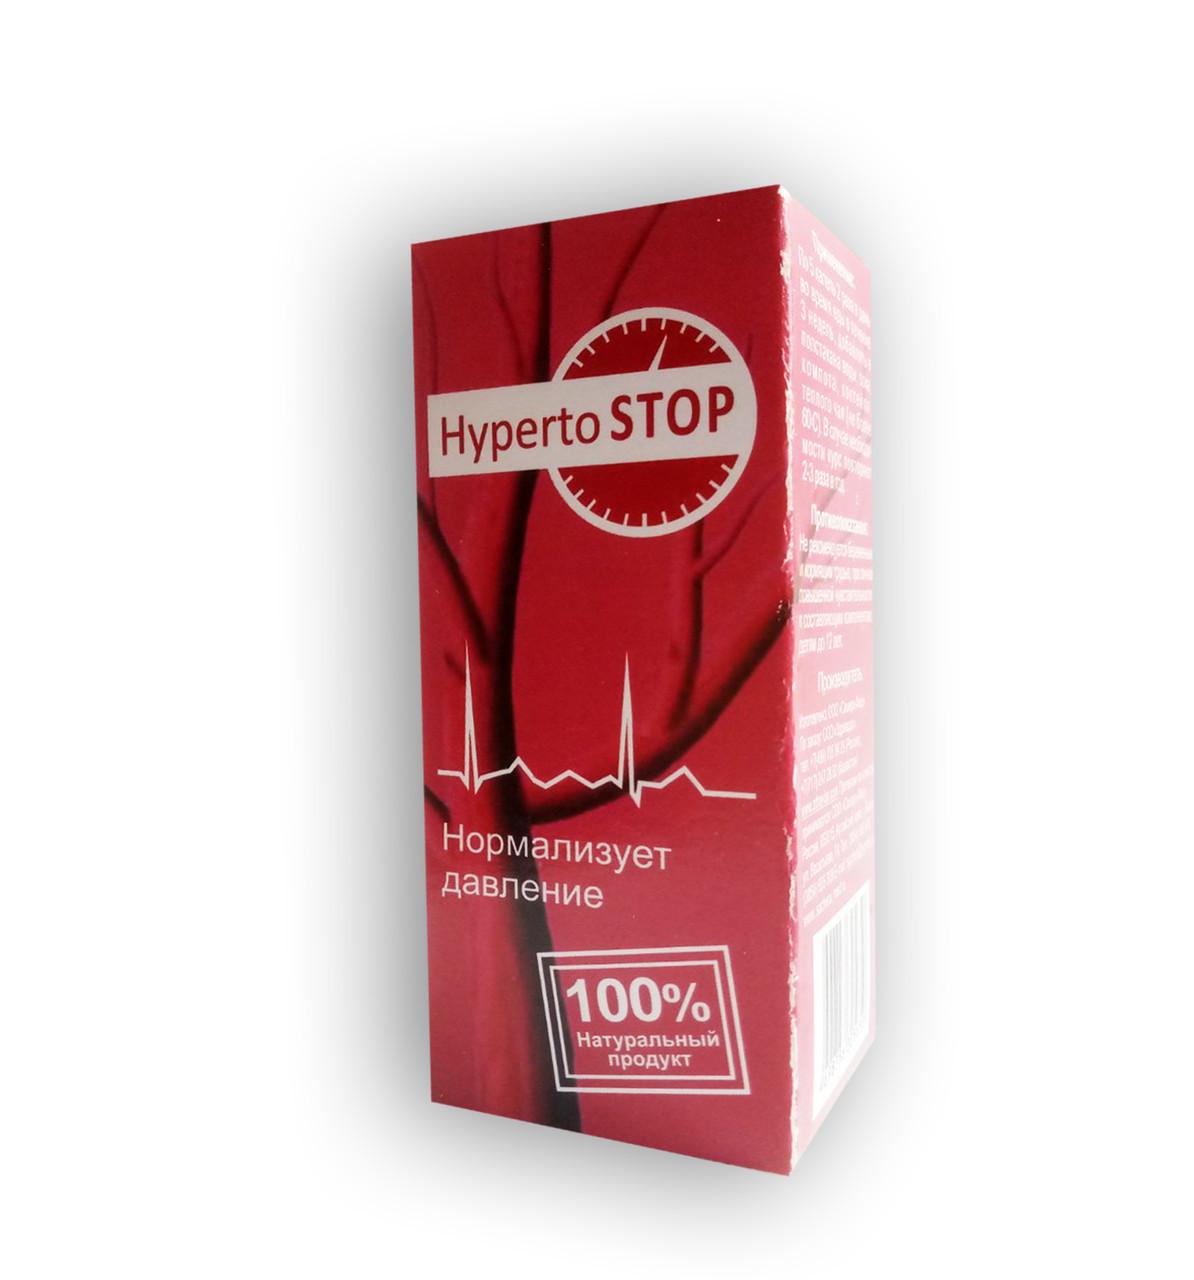 HypertoStop (ГипертоСтоп) Краплі від гіпертонії 19471